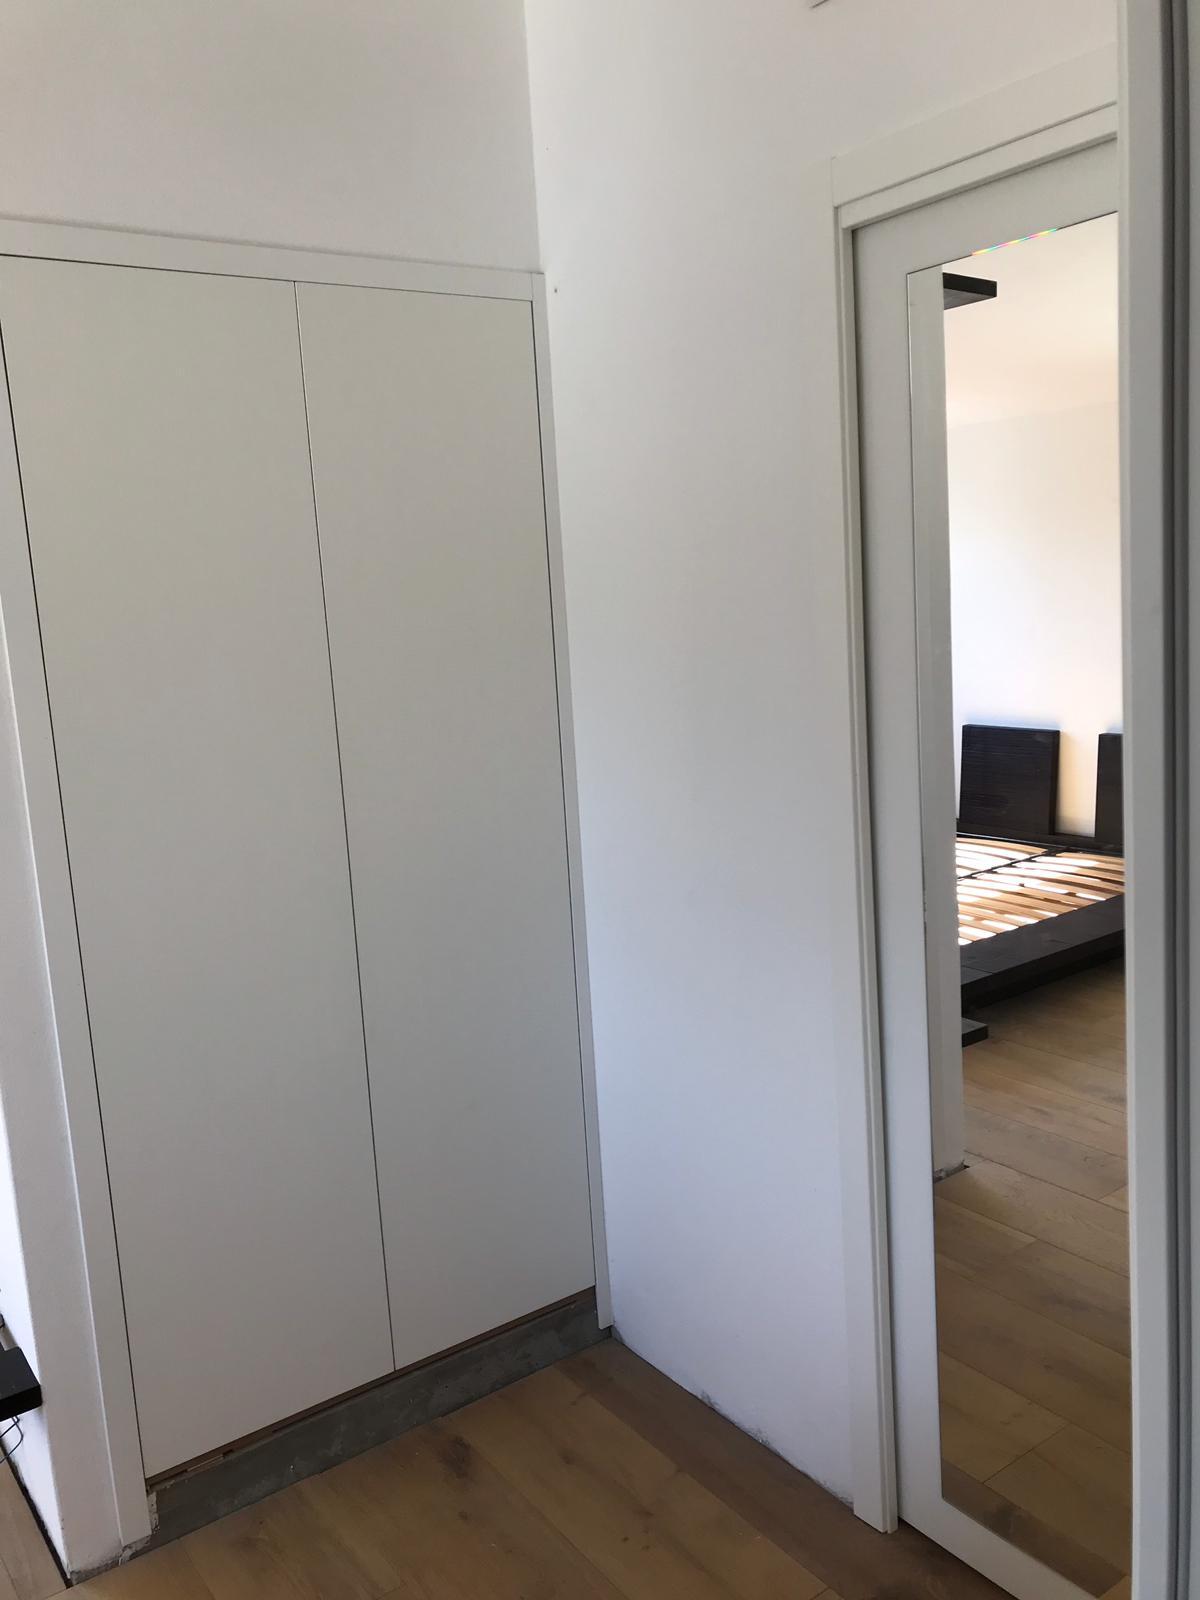 Posa in opera porte interne con finitura bianca, laminato effetto legno